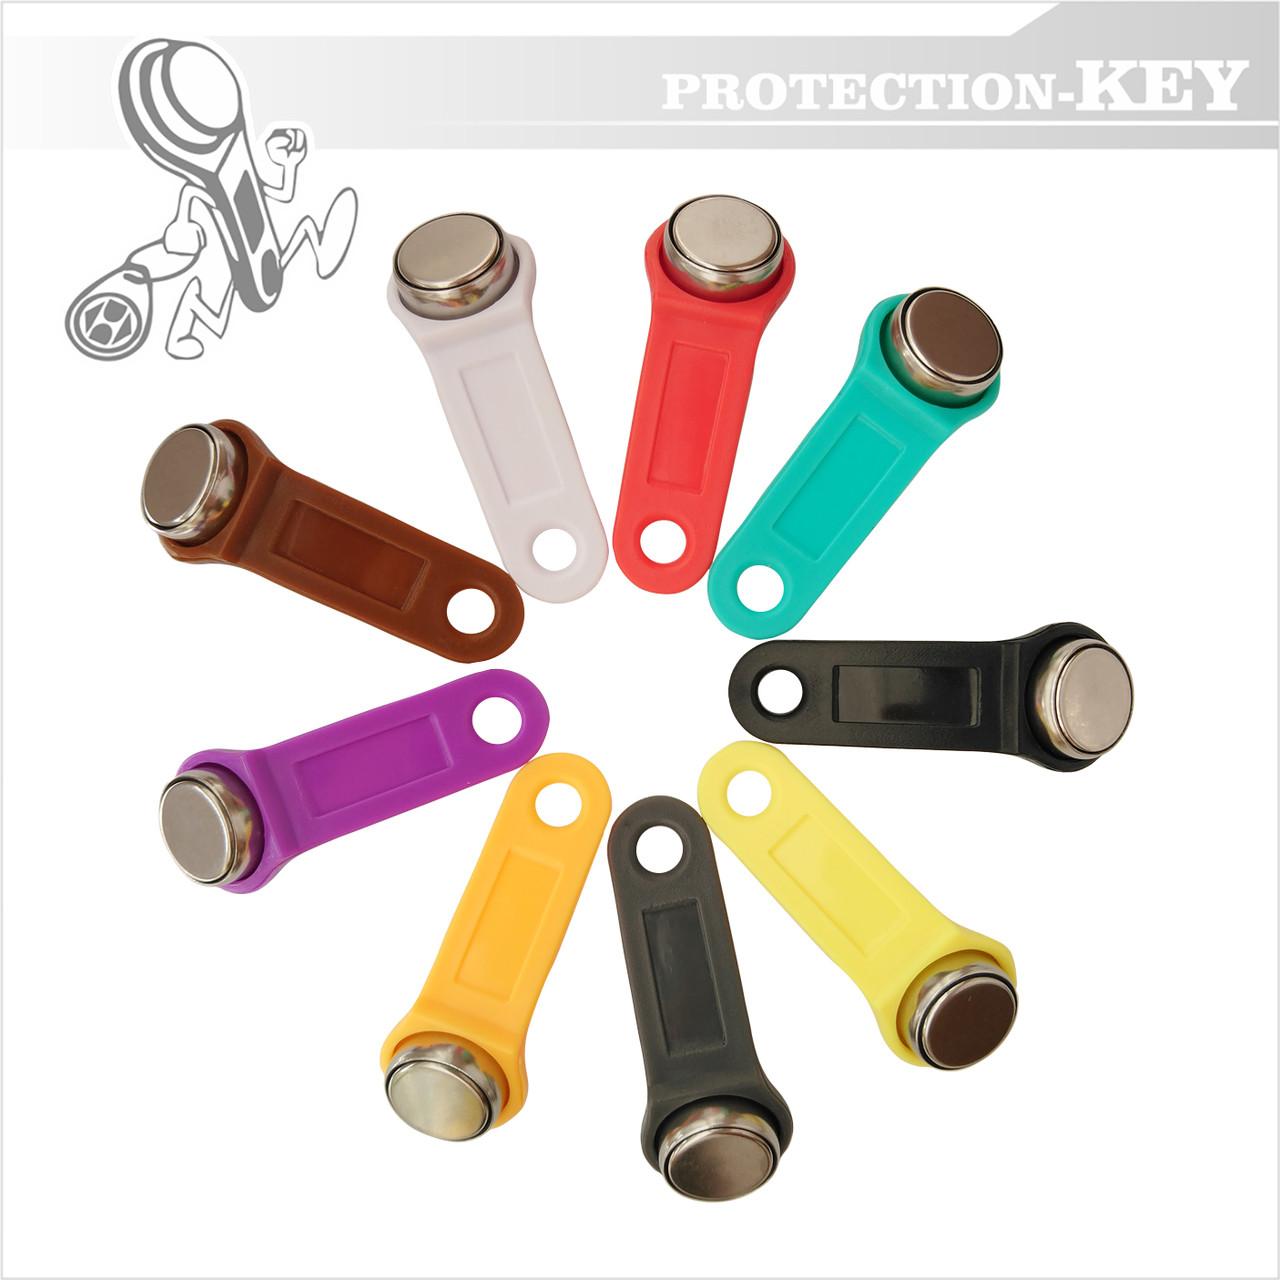 Ключ-заготовка TM-08v2